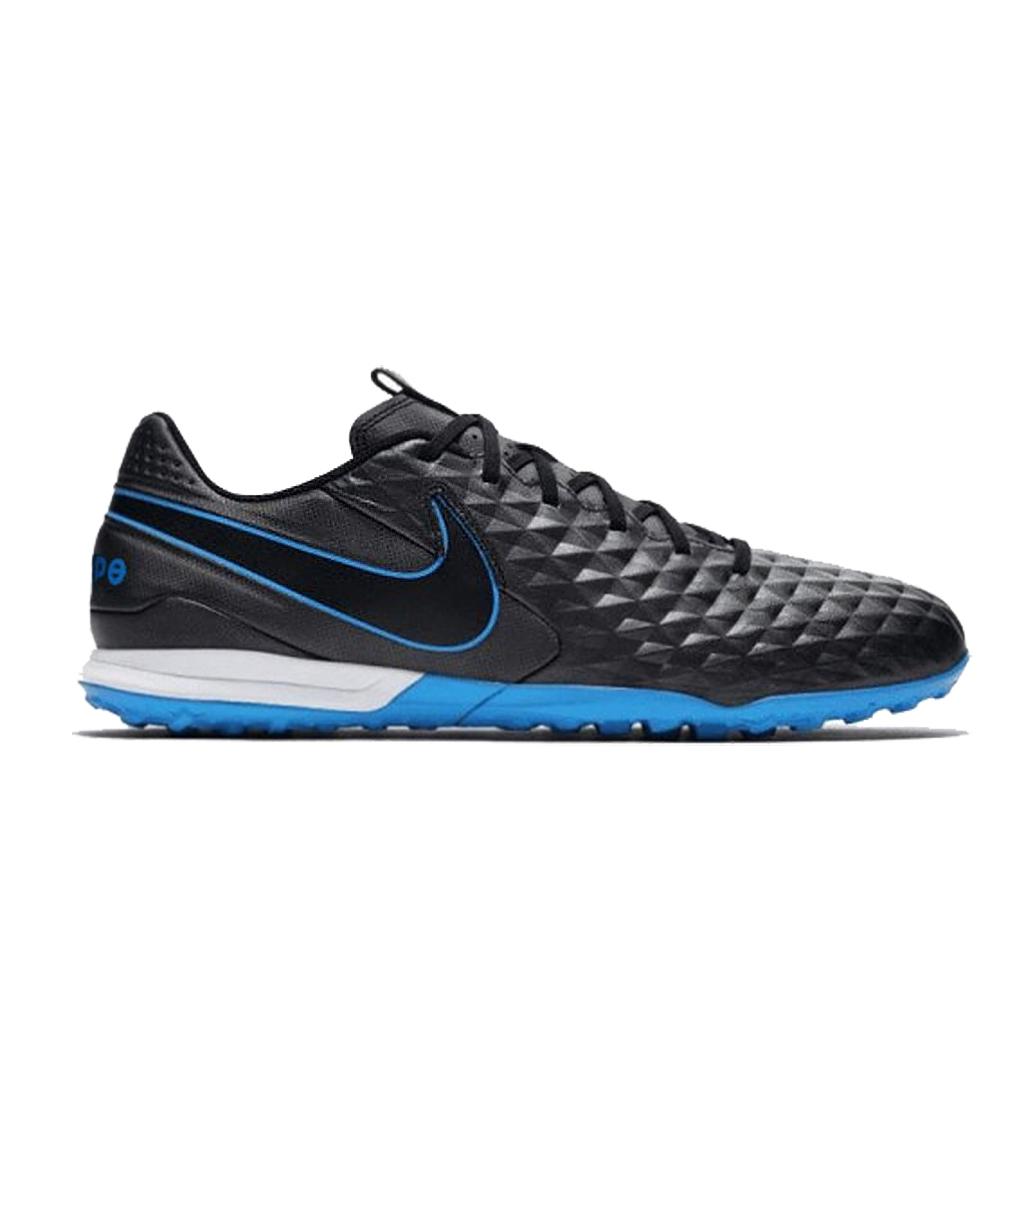 Купить шиповки Nike Legend VIII ACADEMY TF AT6100-004 SR в интернет-магазине